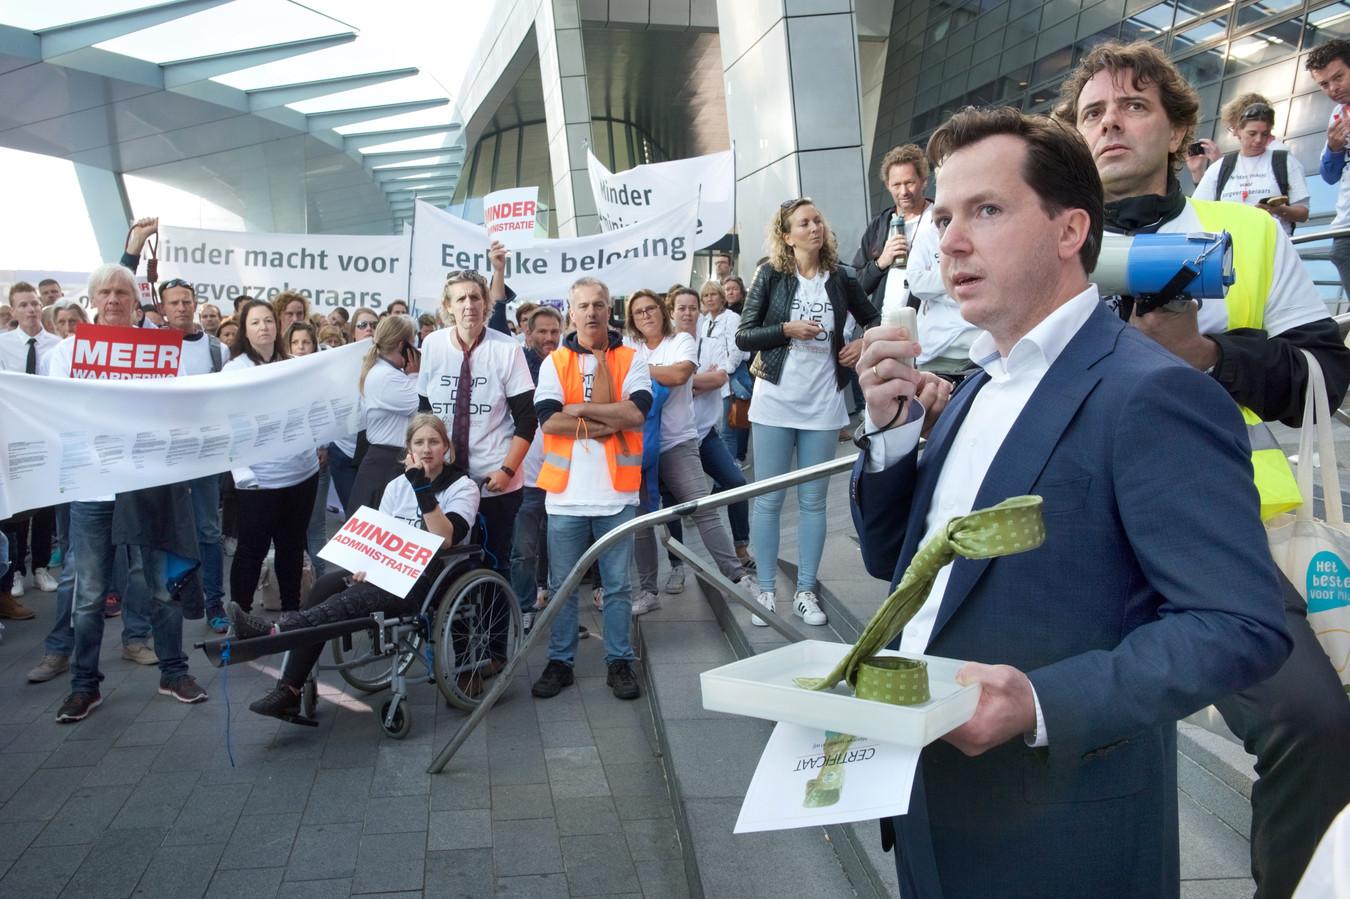 Martijn Kers van verzekeraar VGZ in Arnhem heeft net de Strakke Strop Award gekregen van de Actiegroep Fysiotherapie. Hij nodigt de massa voor een goed gesprek met een kop koffie maar de actievoerders eisen toezeggingen op papier.